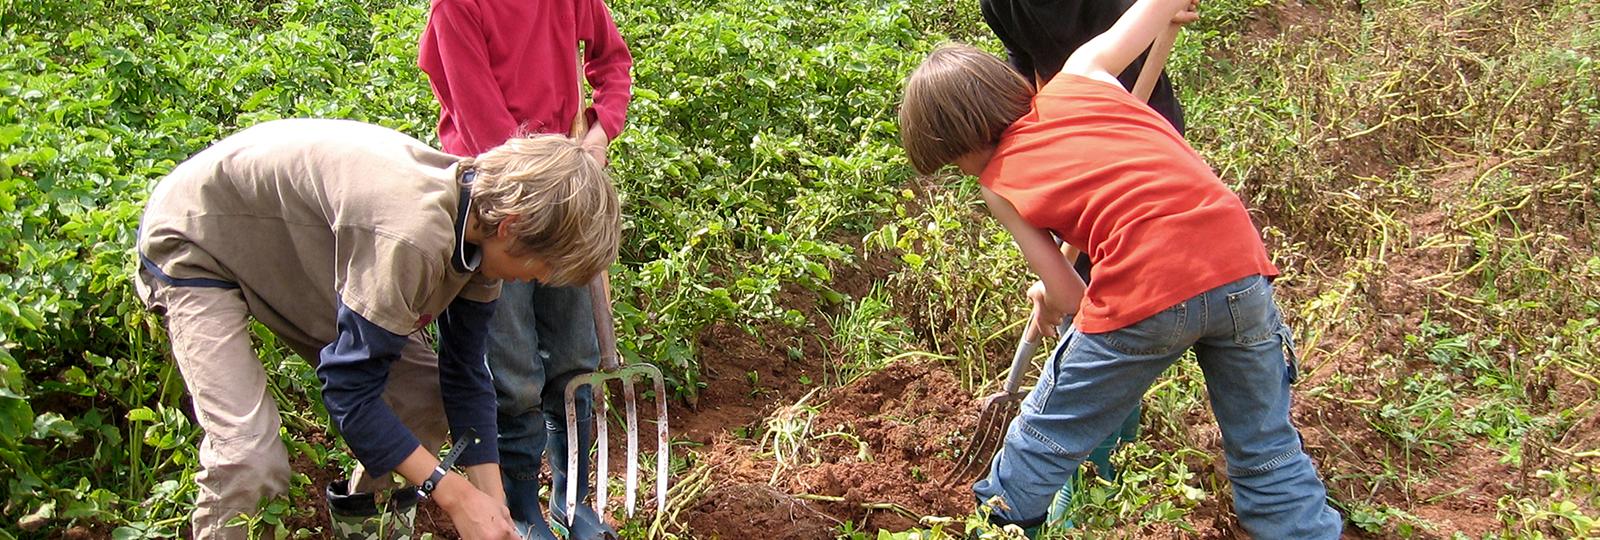 Kinder bei der Kartoffelernte, Bildquelle: Dr. Ulrich Hampl